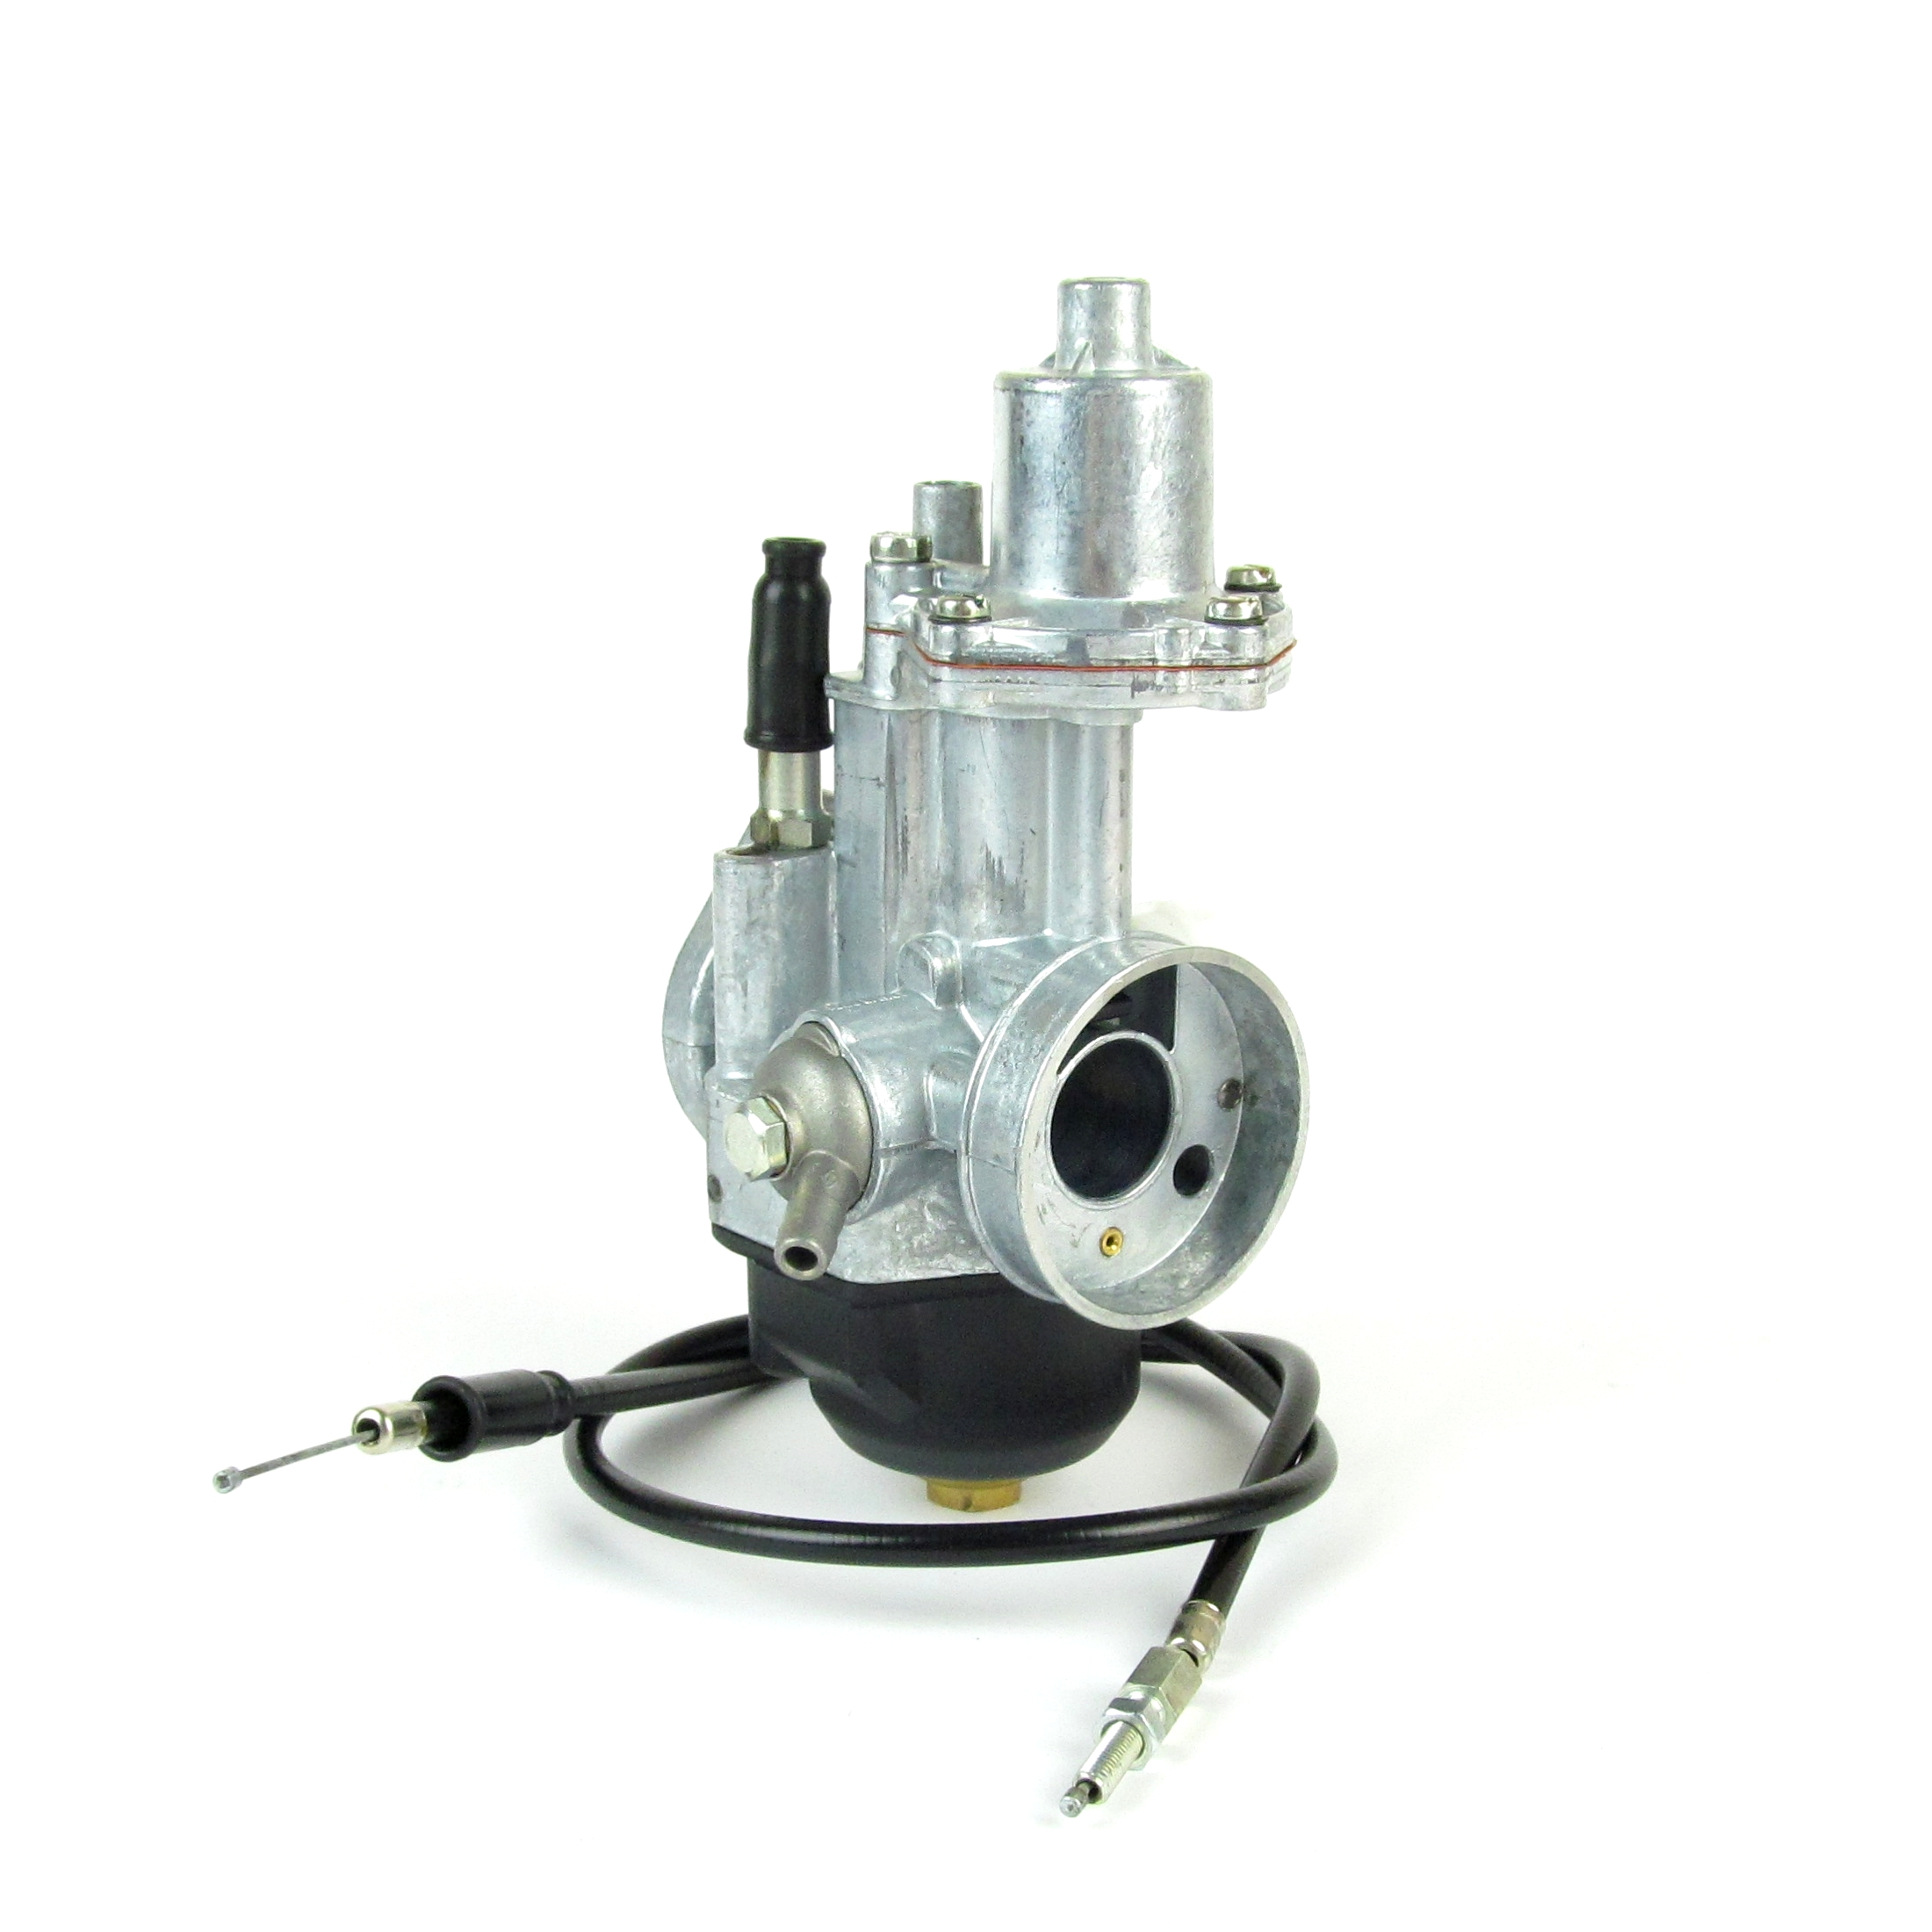 Dellorto SHBB 22.22 Carburettor Piaggio Motocarro APE 2001 220cc 2-stroke